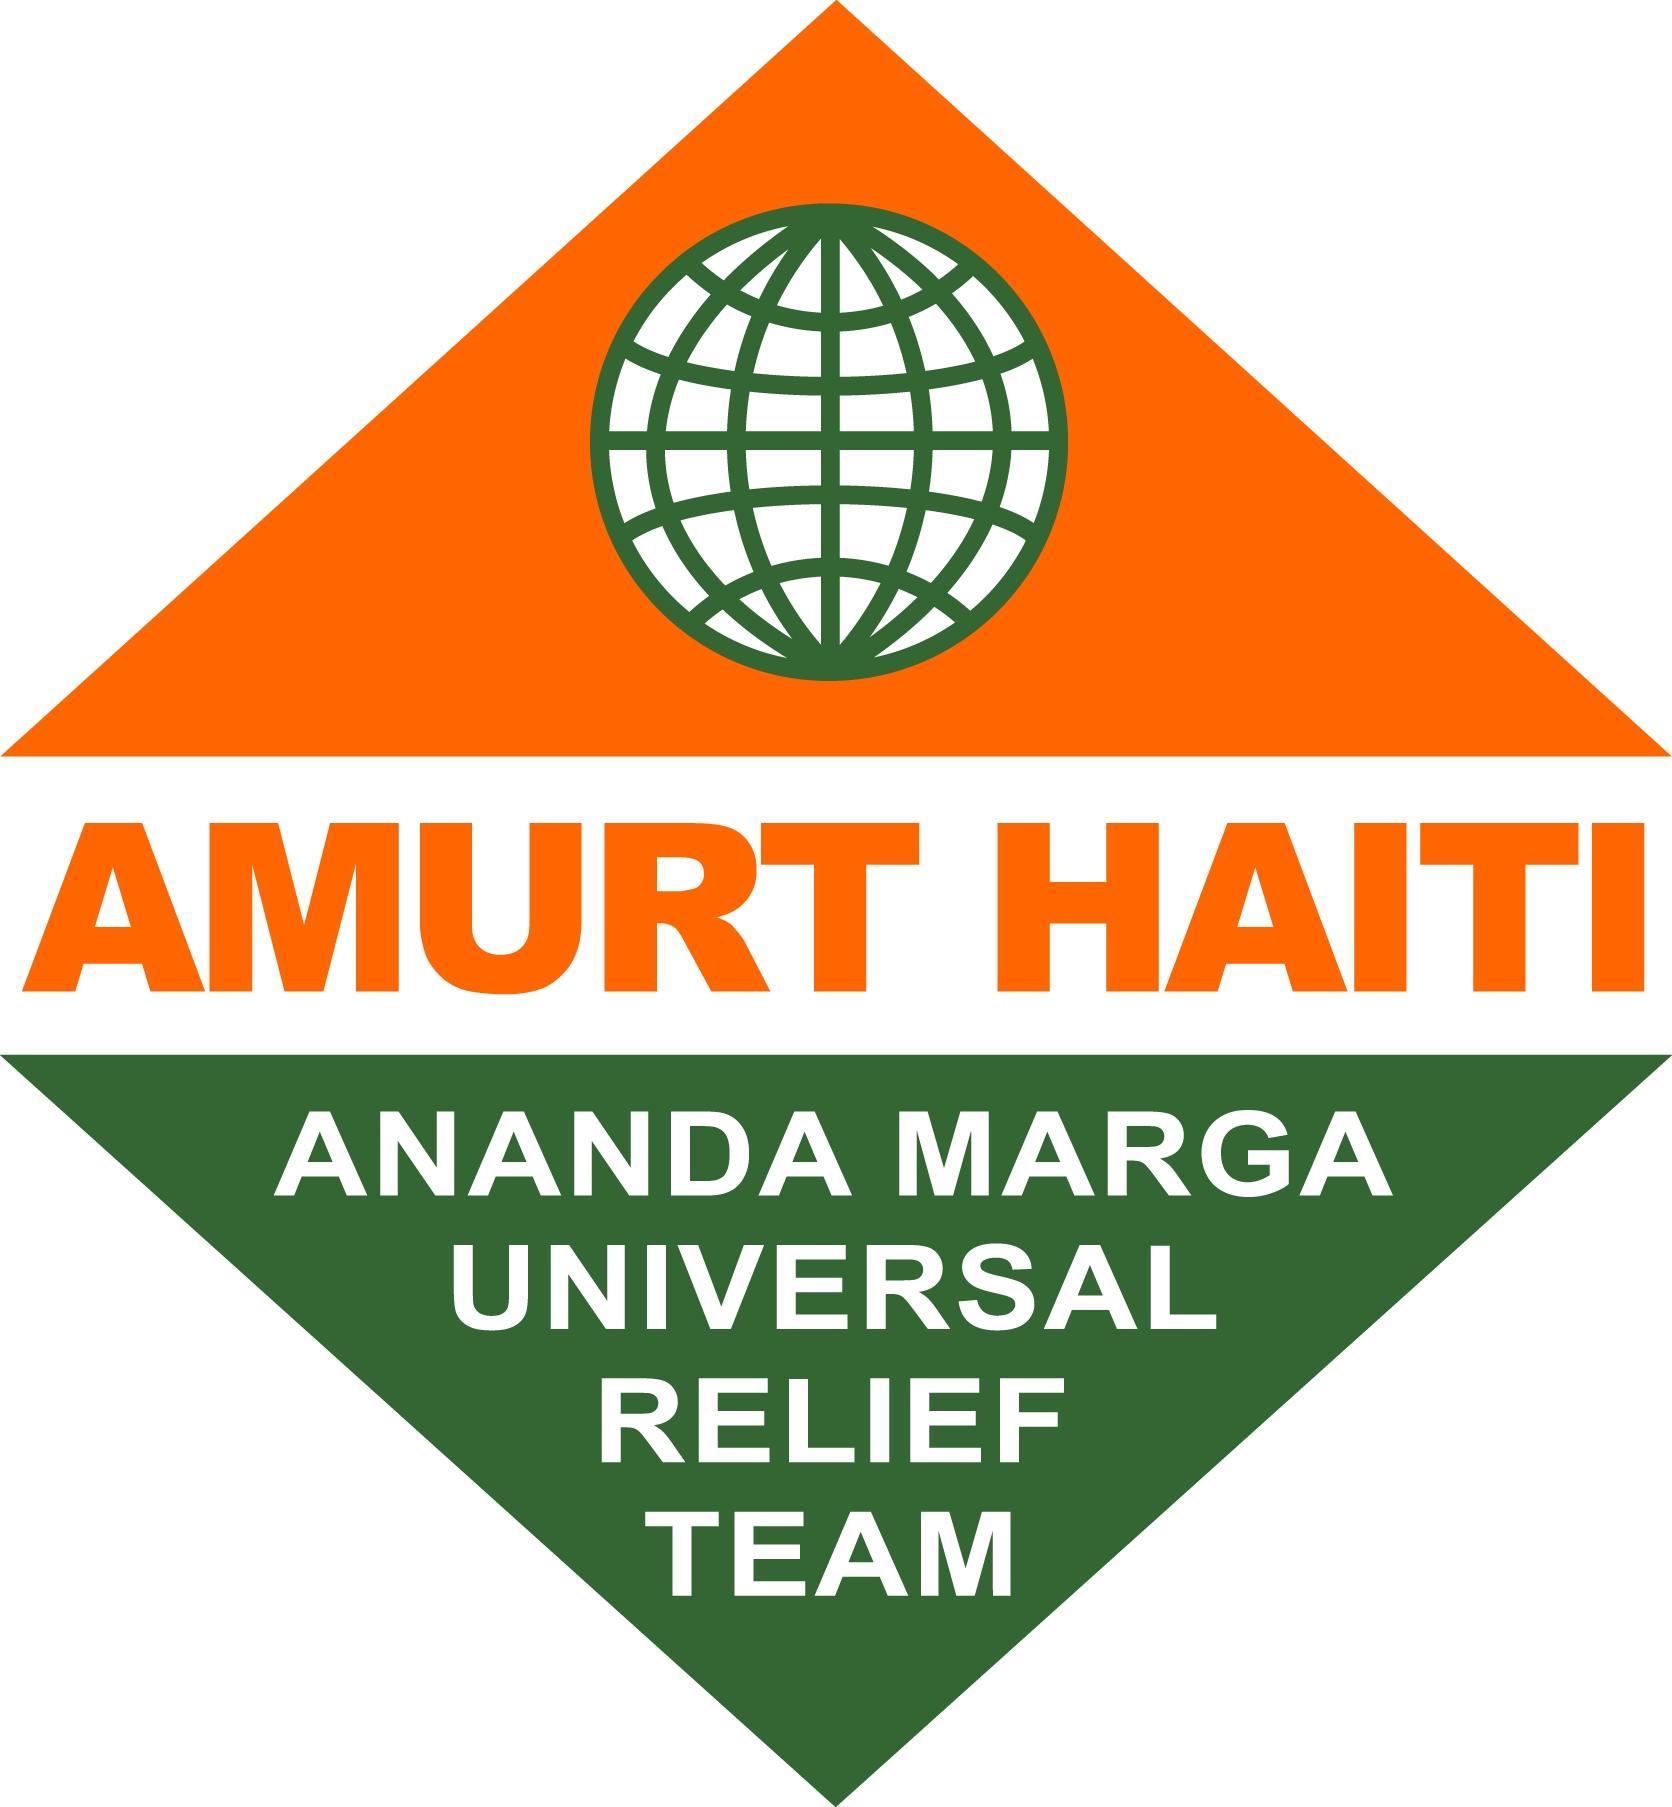 amurt_haiti_logo_2012.jpg